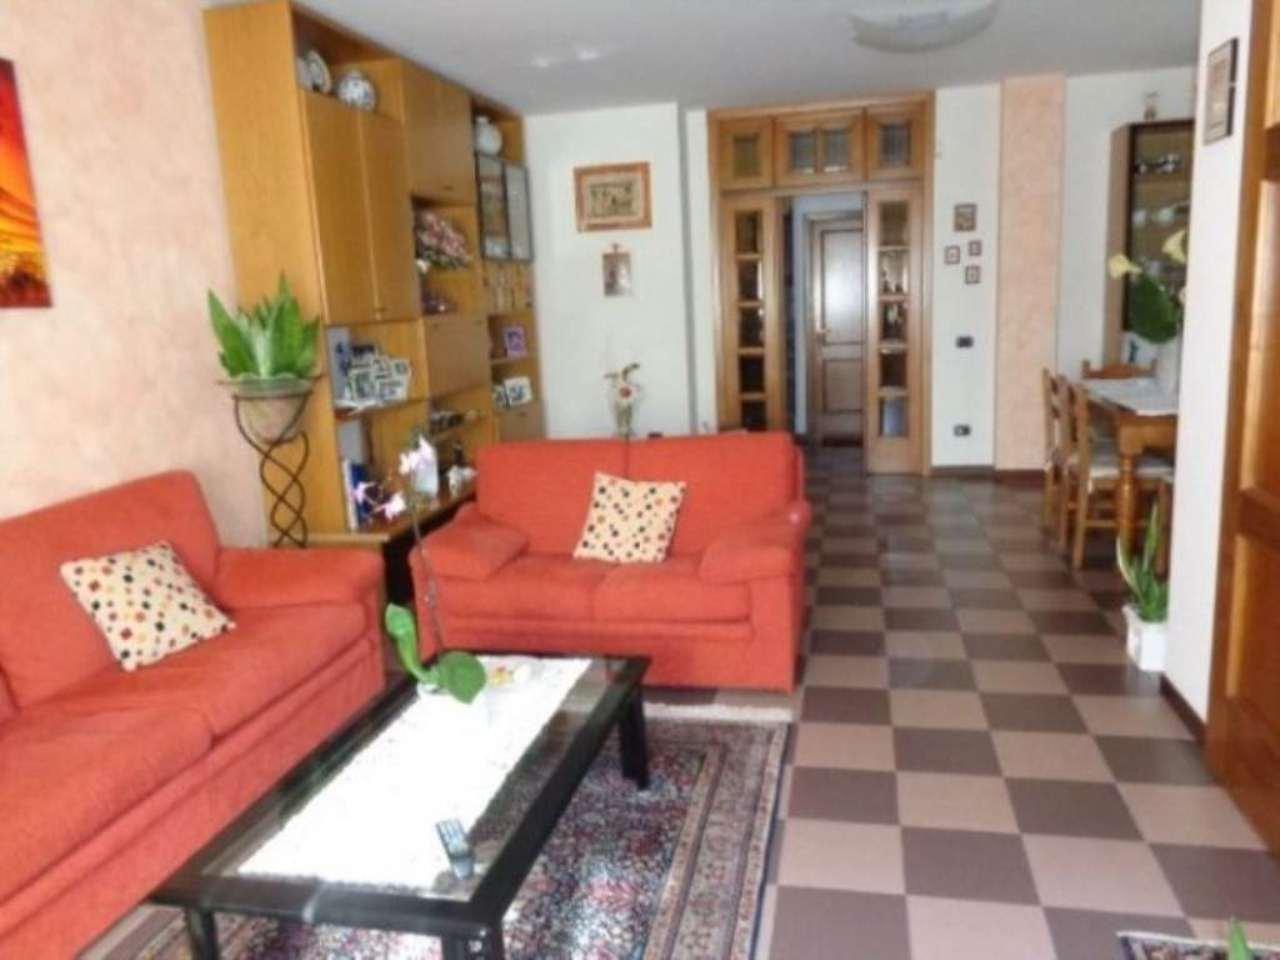 Soluzione Indipendente in vendita a Vinci, 7 locali, prezzo € 450.000   Cambio Casa.it